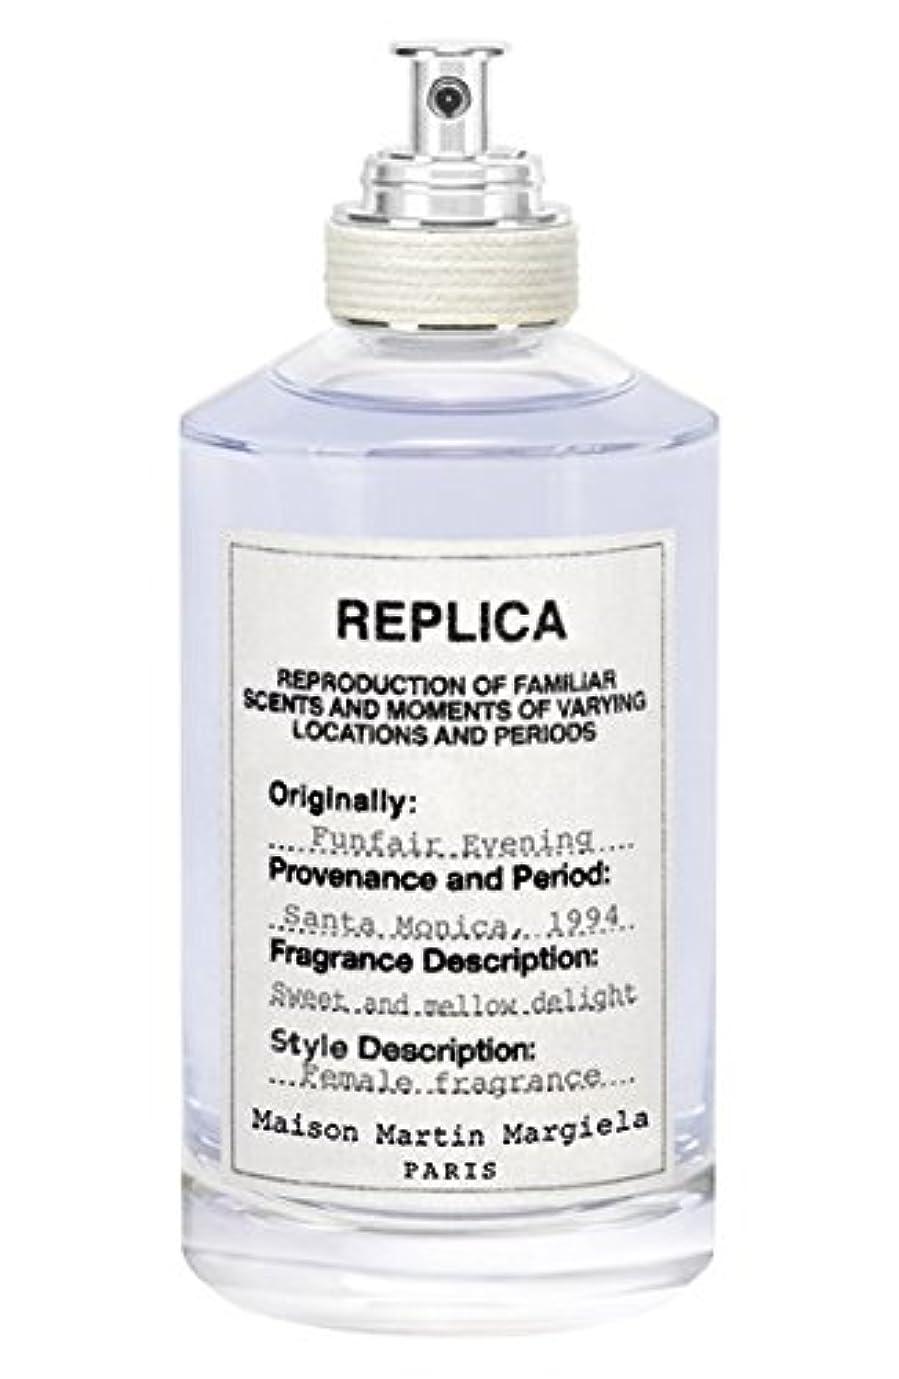 潜在的なエゴマニア出版Replica - Funfair Evening(レプリカ - ファンフェアー イブニング) 3.4 oz (100ml) Fragrance for Women